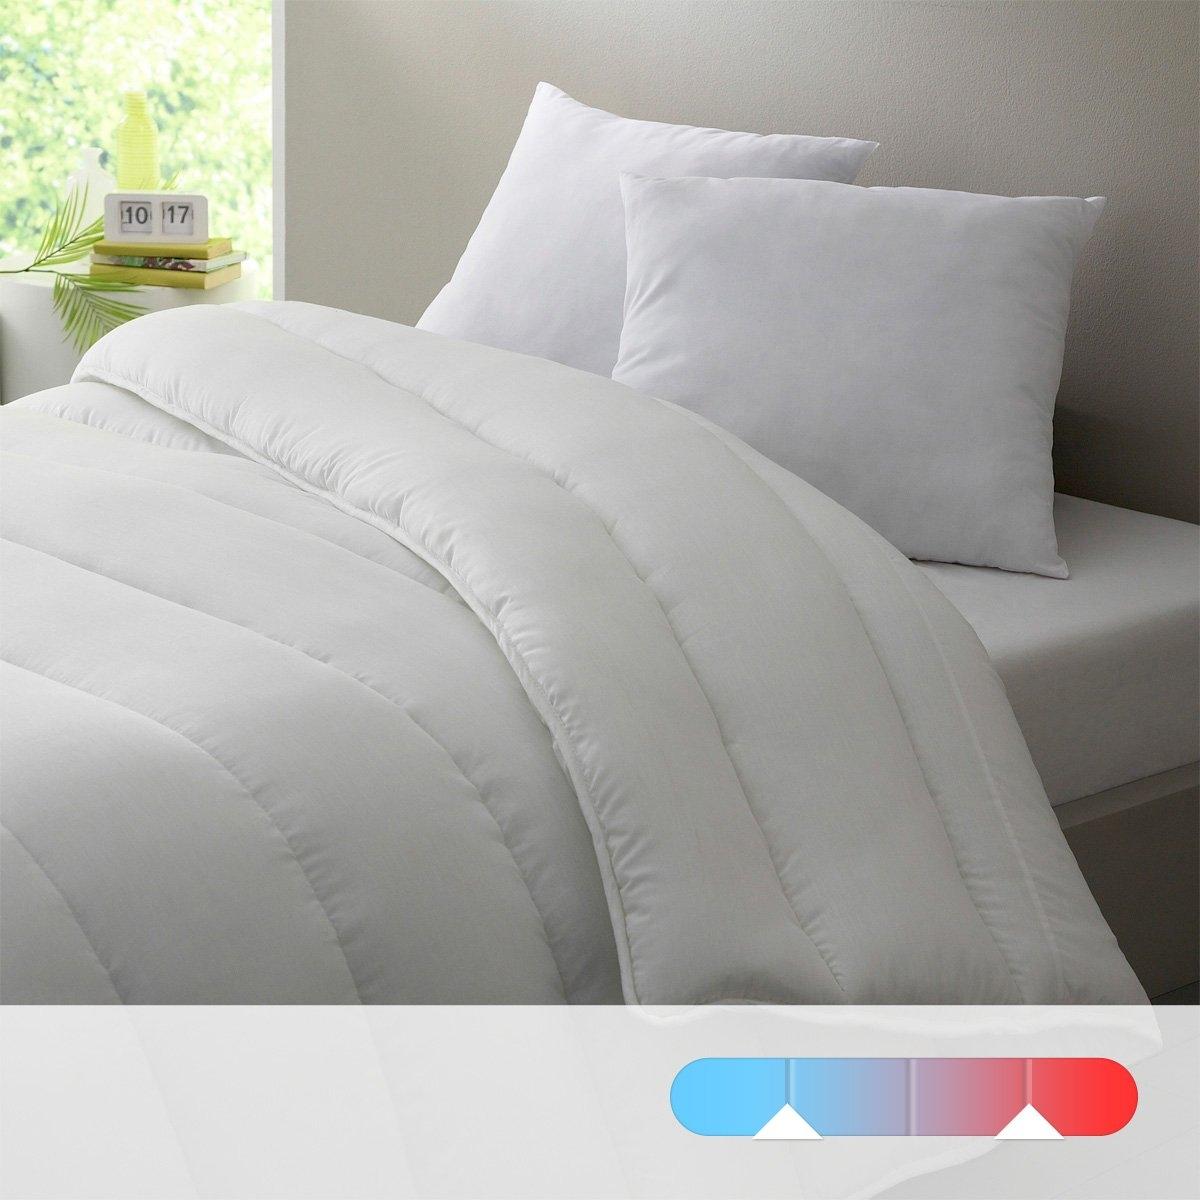 Двойное одеяло LA REDOUTE CREATIONДвойное одеяло из 100% полиэстера, полые силиконизированные волокна для большего комфорта. Прекрасное соотношение цены и качества. Идеально в любое время года: одно одеяло  175 г/м? для лета, + 1 одеяло 300г/м? для межсезонья и оба одеяла соединяются завязками для зимы. Наполнитель: 100% полиэстера, полые силиконизированные волокна. Чехол: 100% полиэстера. Отделка кантом. Простежка по косой. Стирка при 30°.<br><br>Цвет: белый